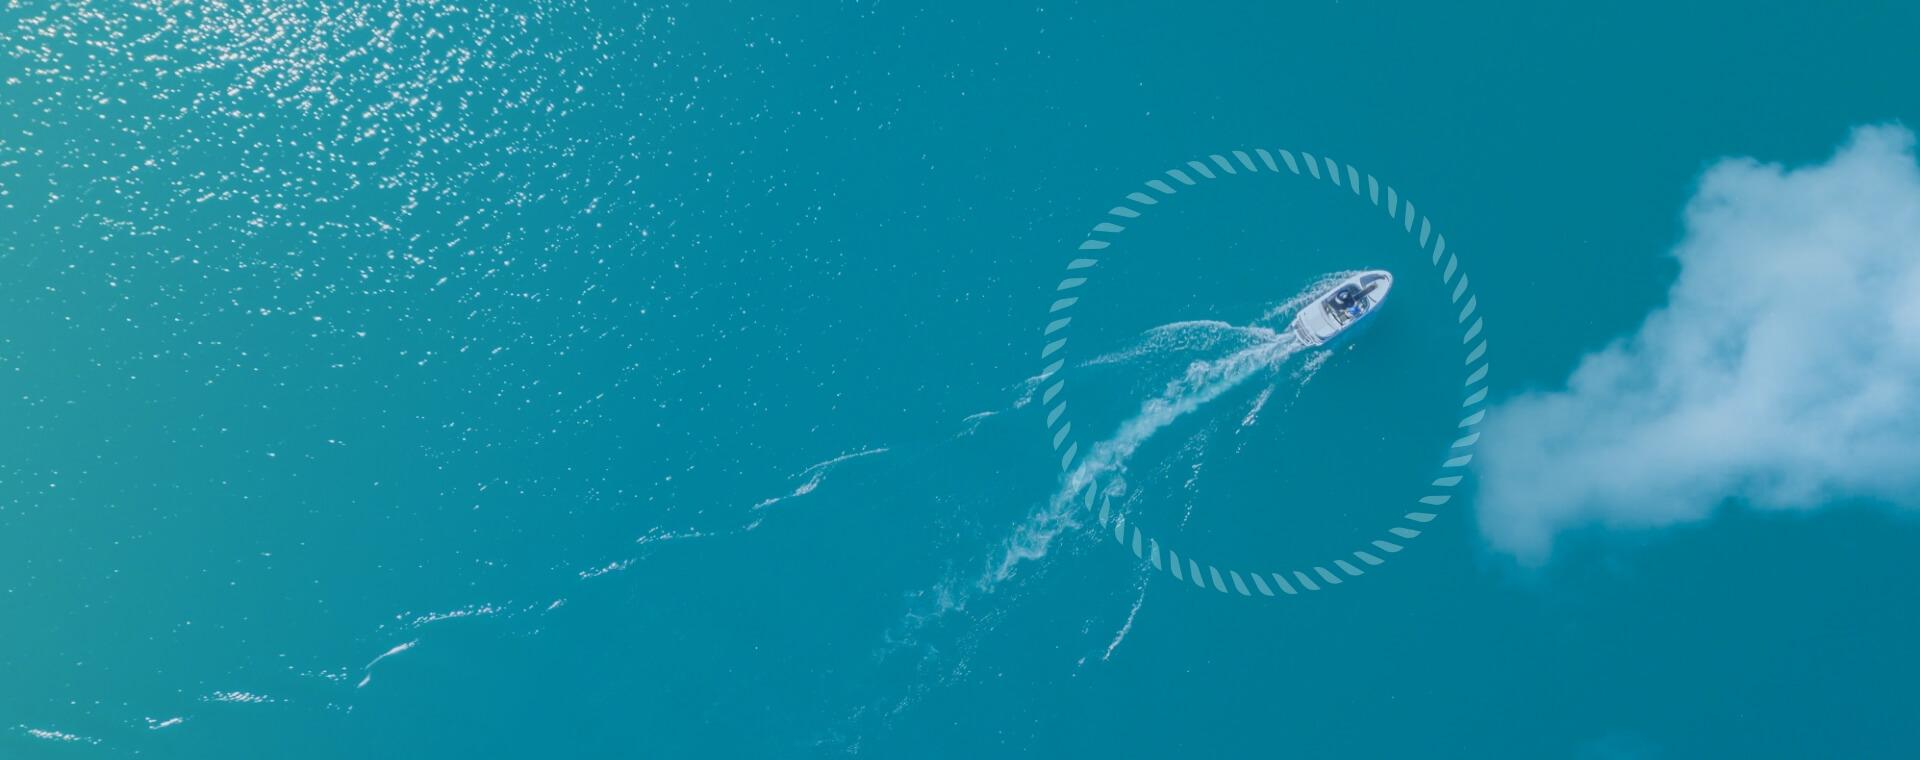 Ενοικίαση Σκαφών & Θαλάσσια Tours | Seagnatour